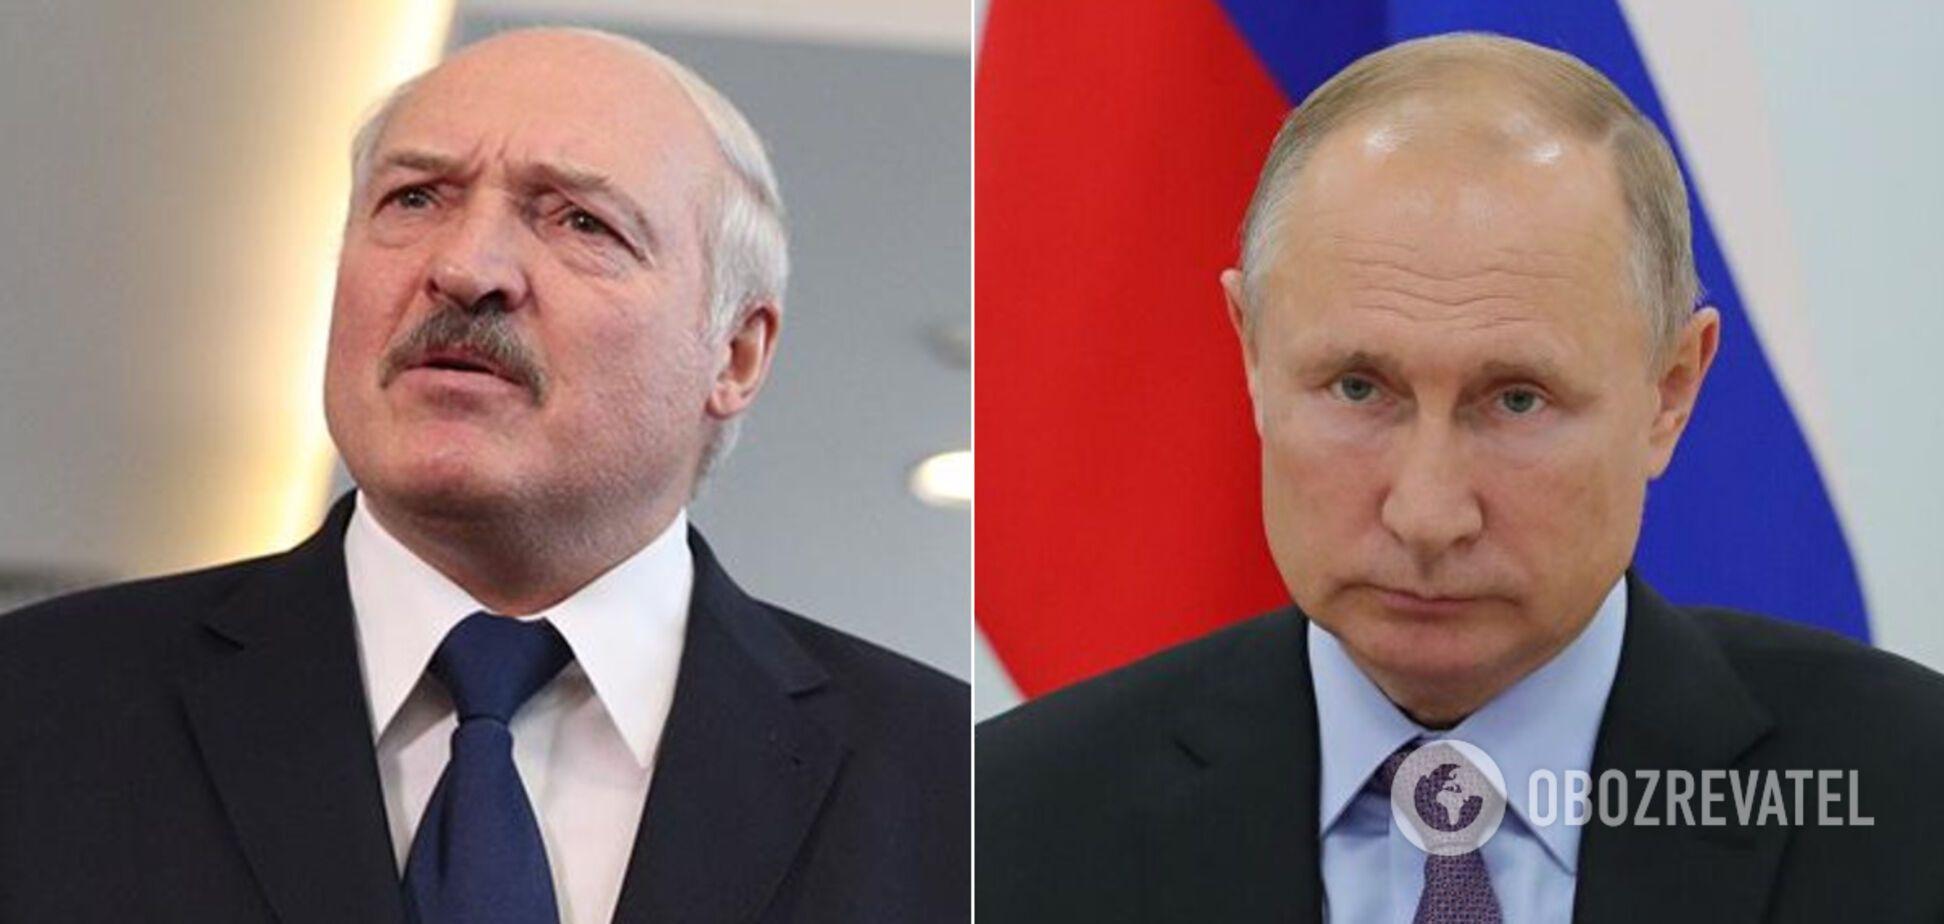 Лукашенко заявил о готовности объединения с Россией и поставил условие